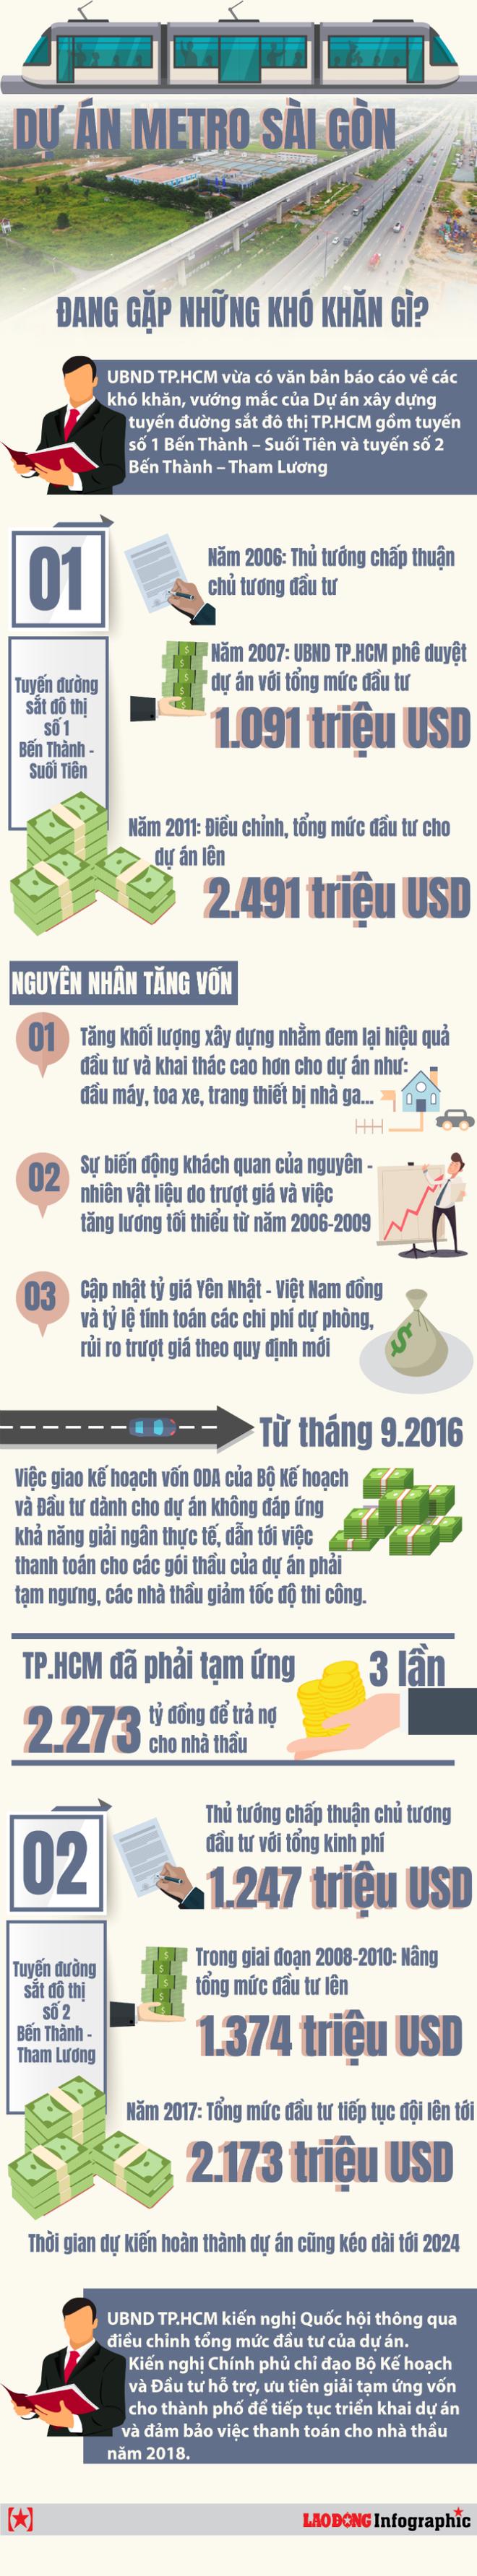 [Infographic] Dự án metro Sài Gòn đang gặp những khó khăn gì? - Ảnh 1.